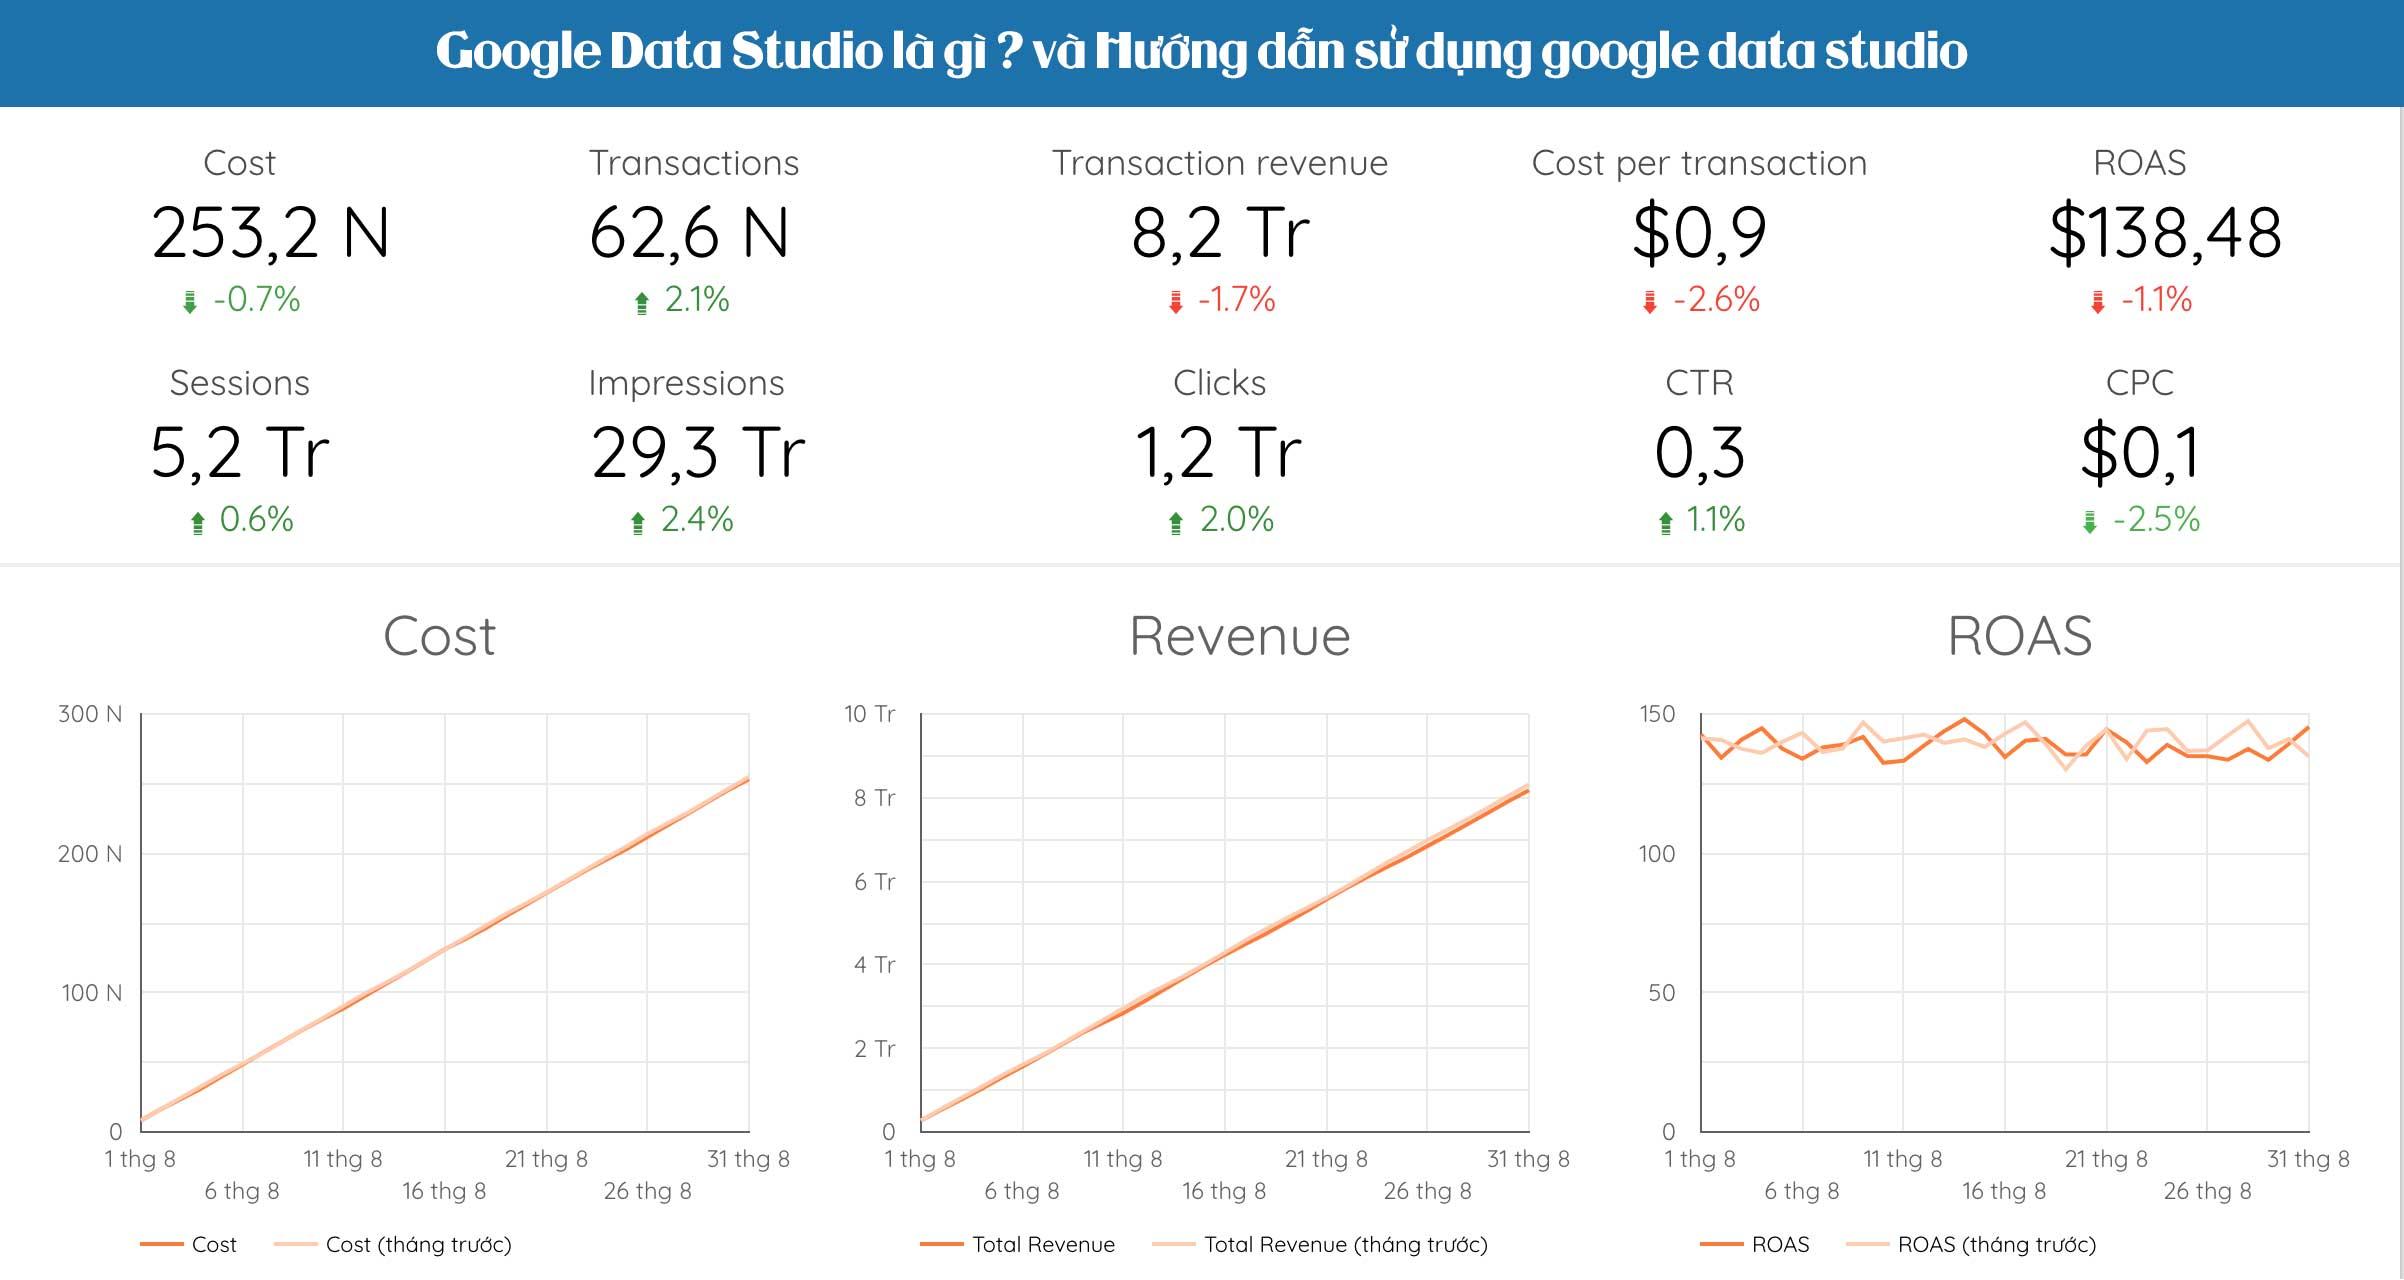 Hướng dẫn sử dụng Google Data Studio 8